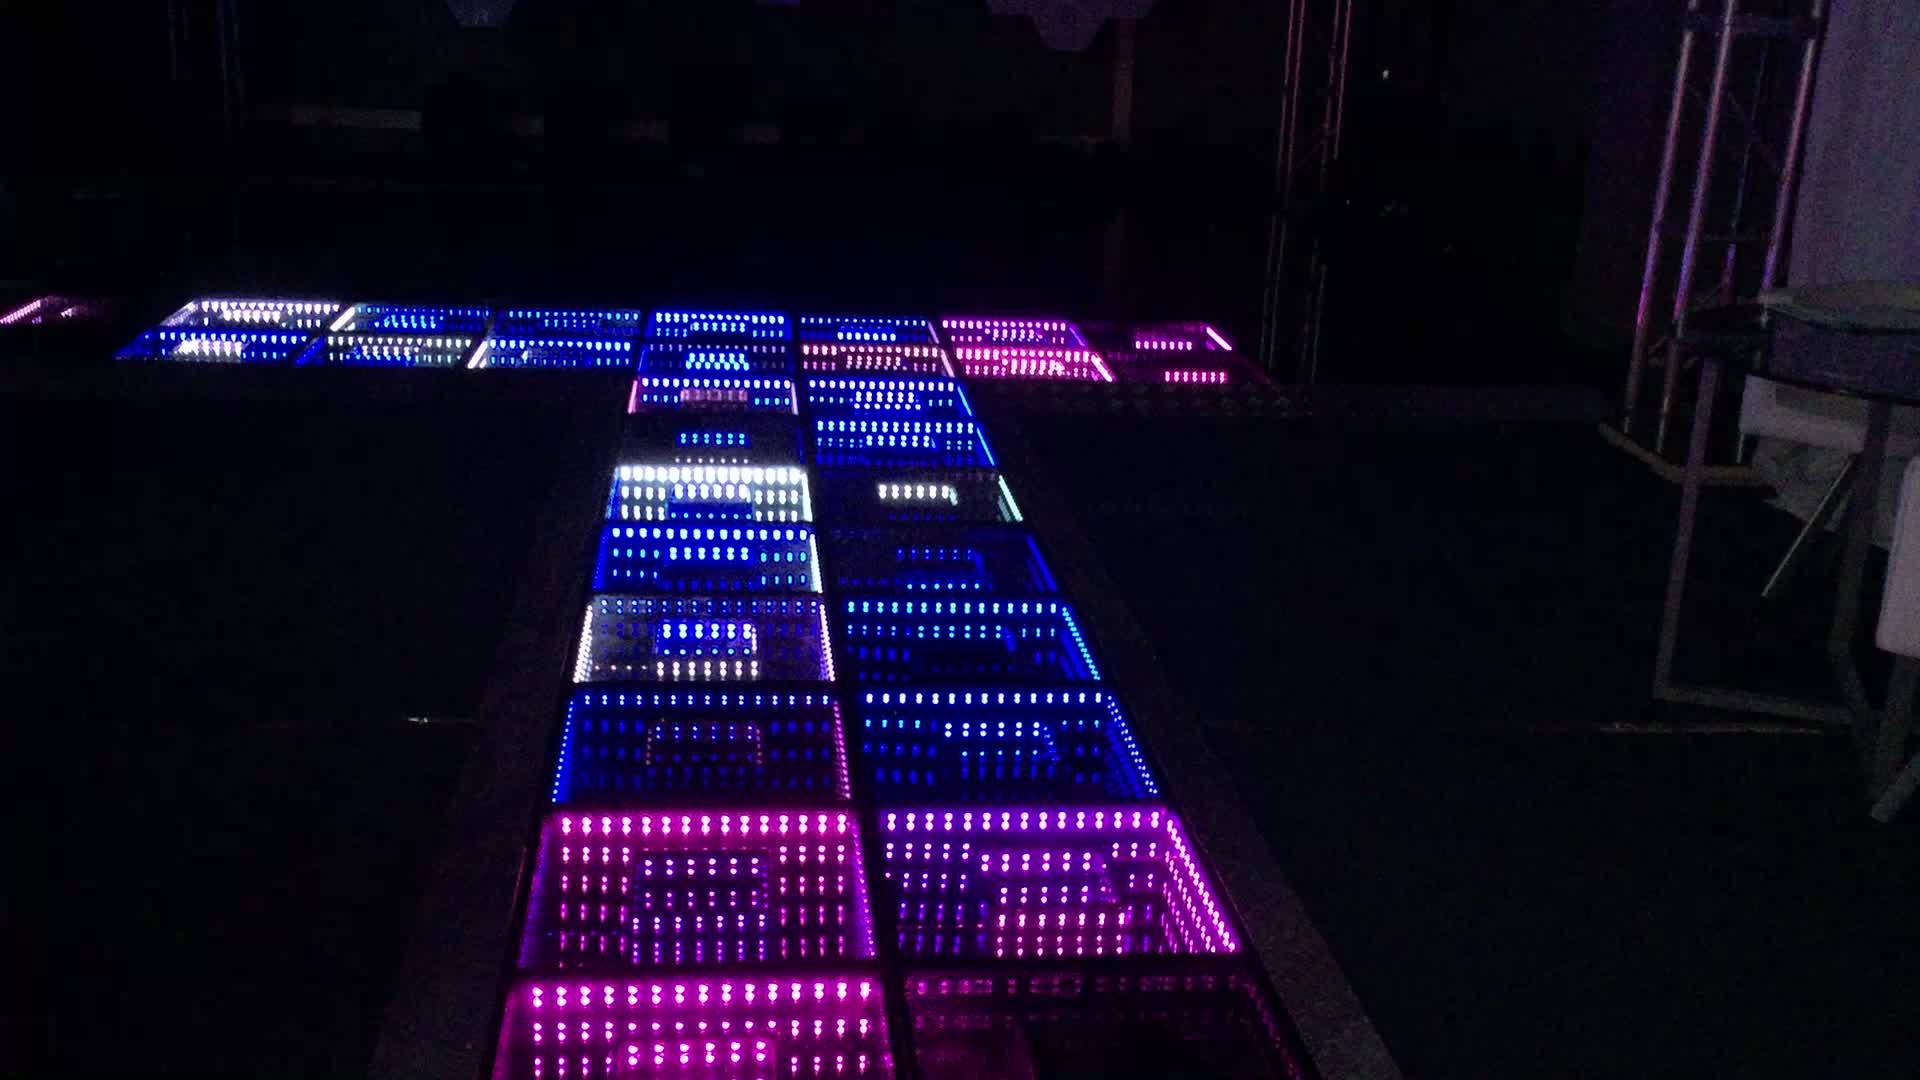 2017 ผลิตภัณฑ์ใหม่ led 3D ภาพลวงตา led กระจก led ฟลอร์เต้นรำ / ฟลอร์เต้นรำ led สีขาวสีดำ